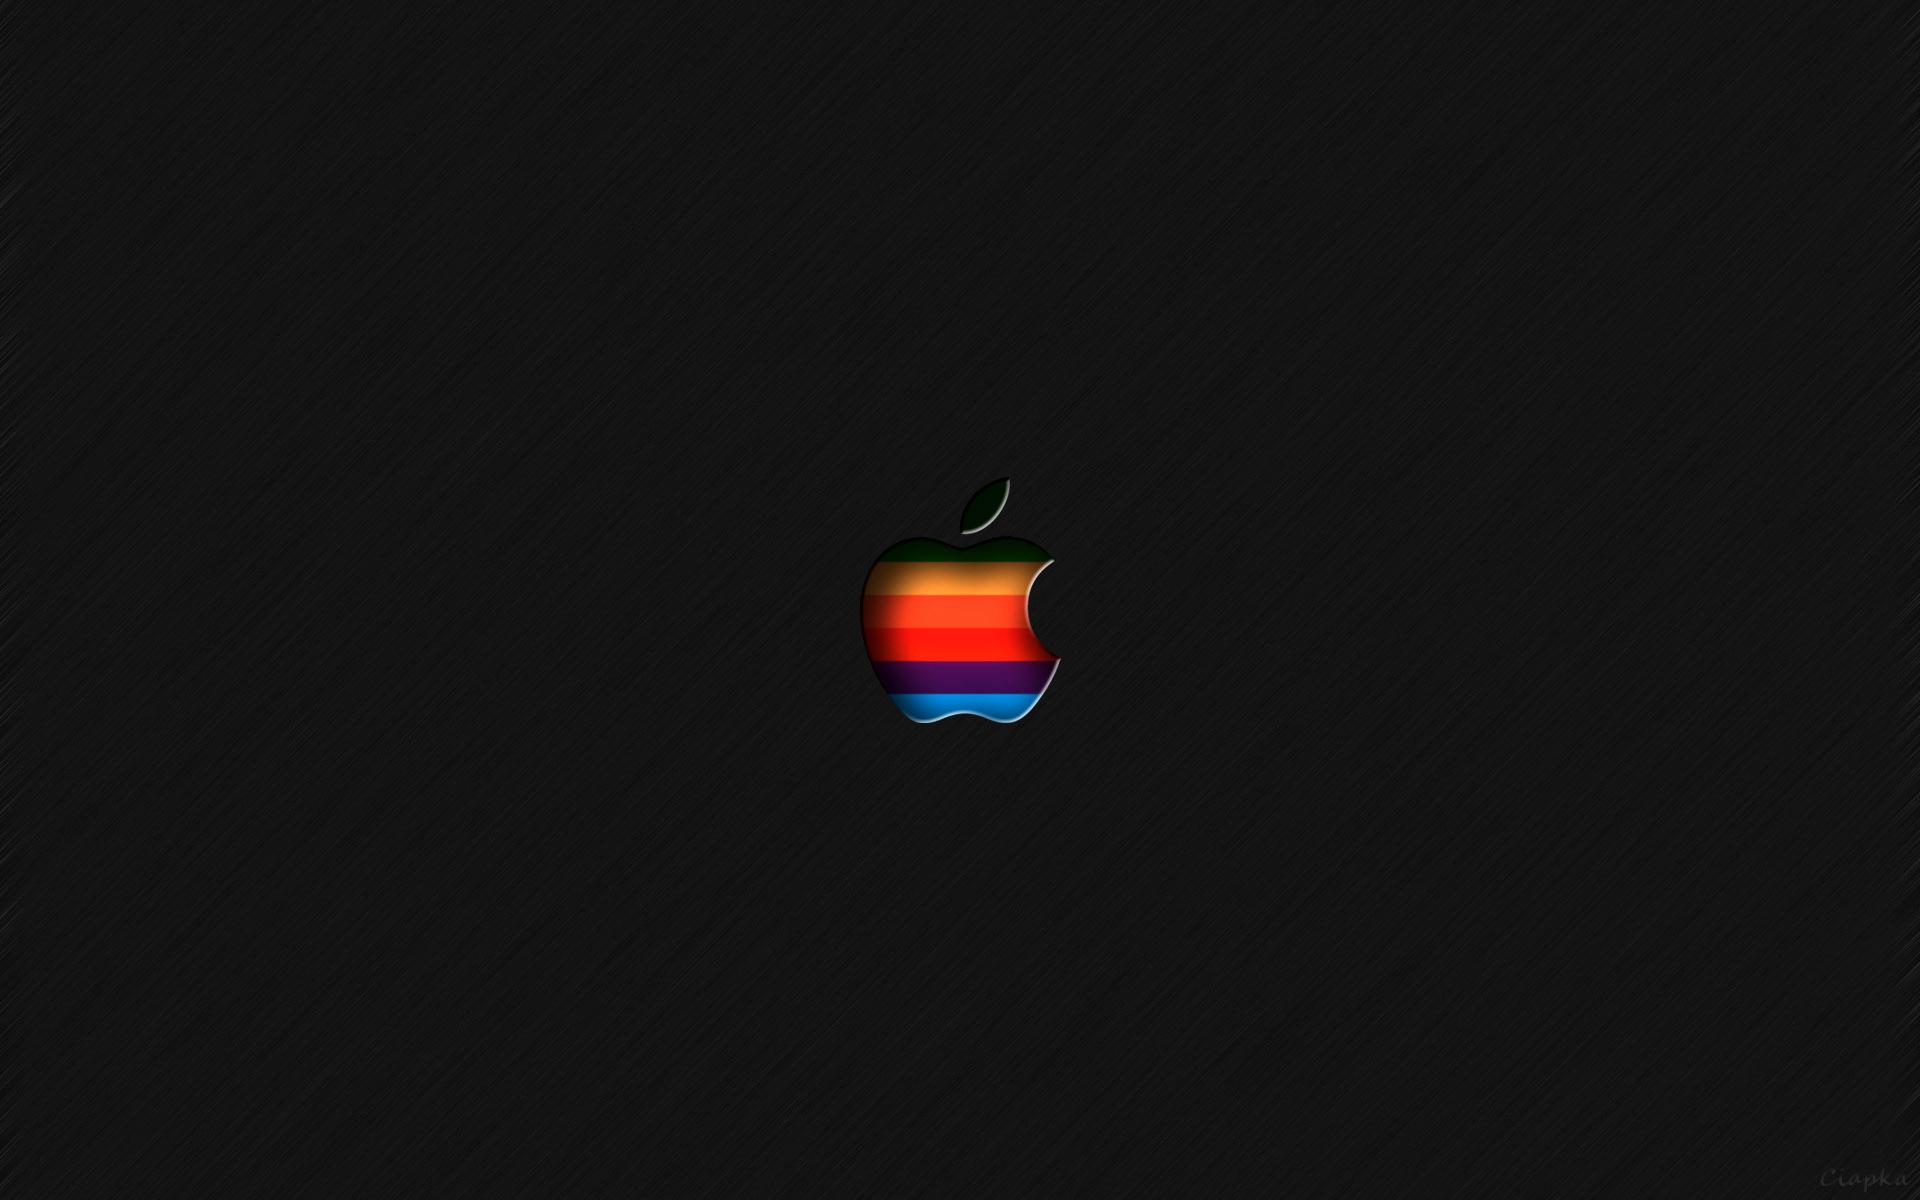 mac hq hd wallpaper 1 500x312 20 Elegant Apple Mac HD Wallpapers Set 3 1920x1200